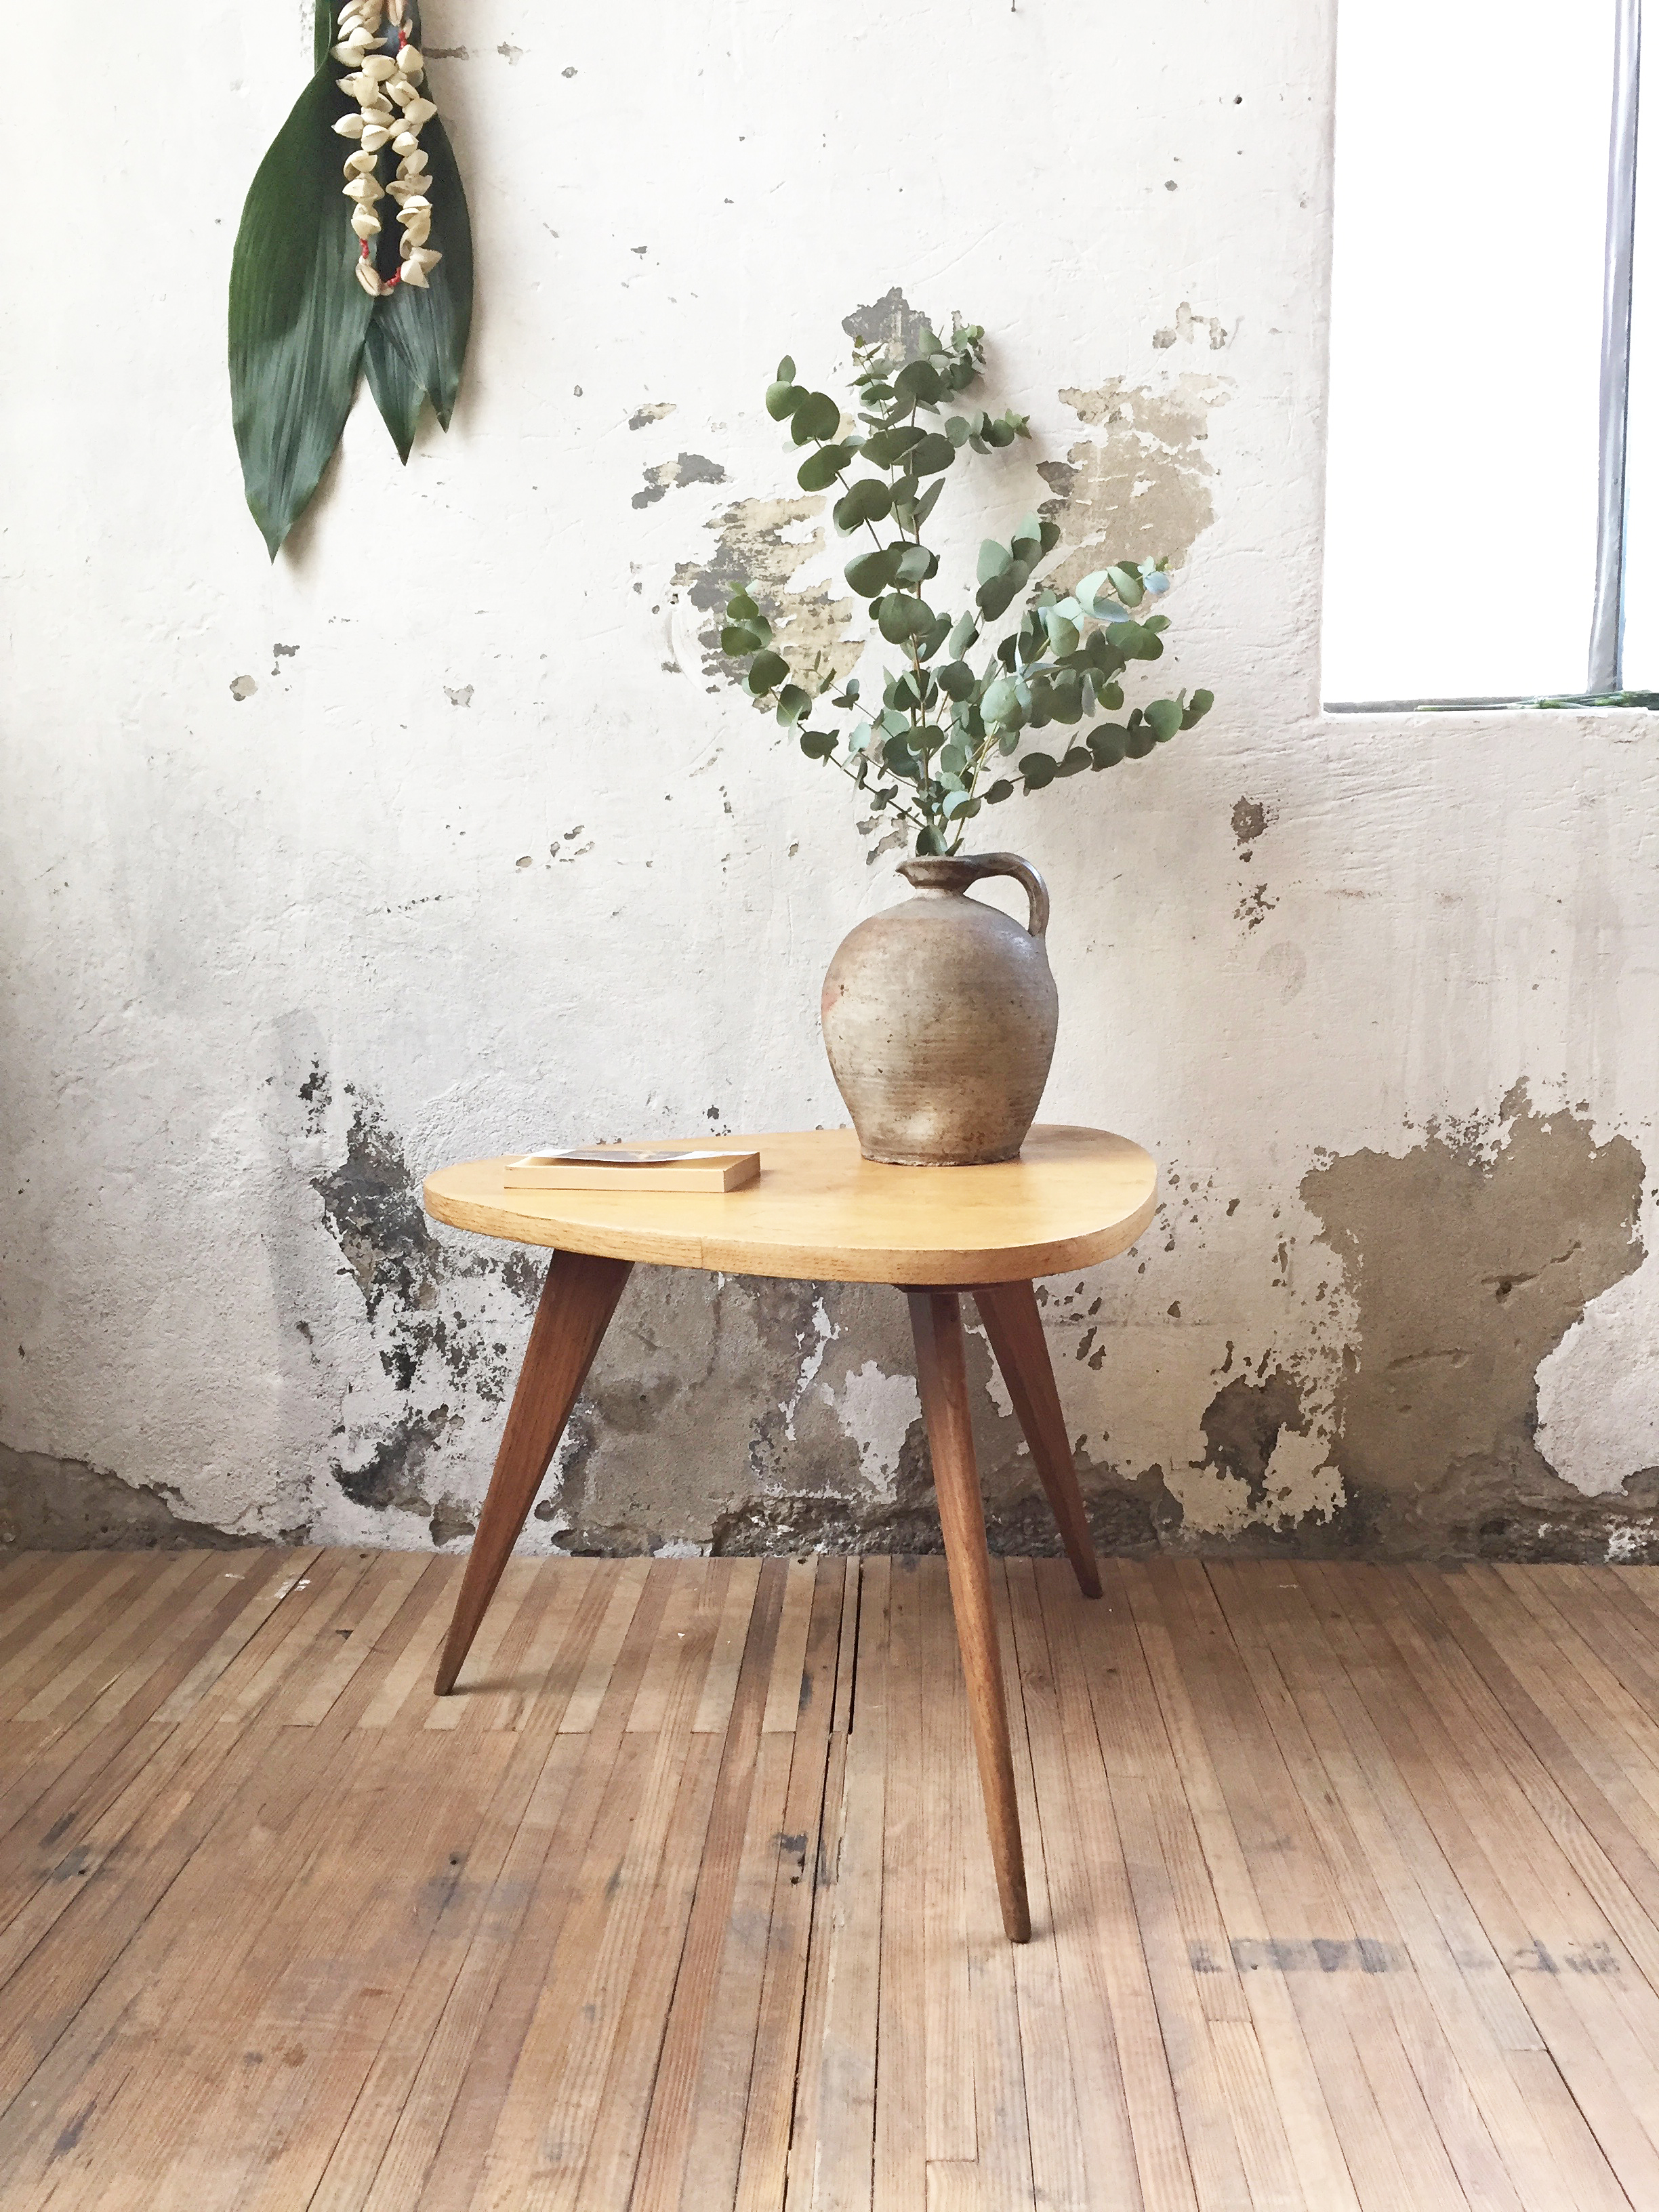 Tripode Mein – Basse Table Vintage Lieber PXTiOkZu